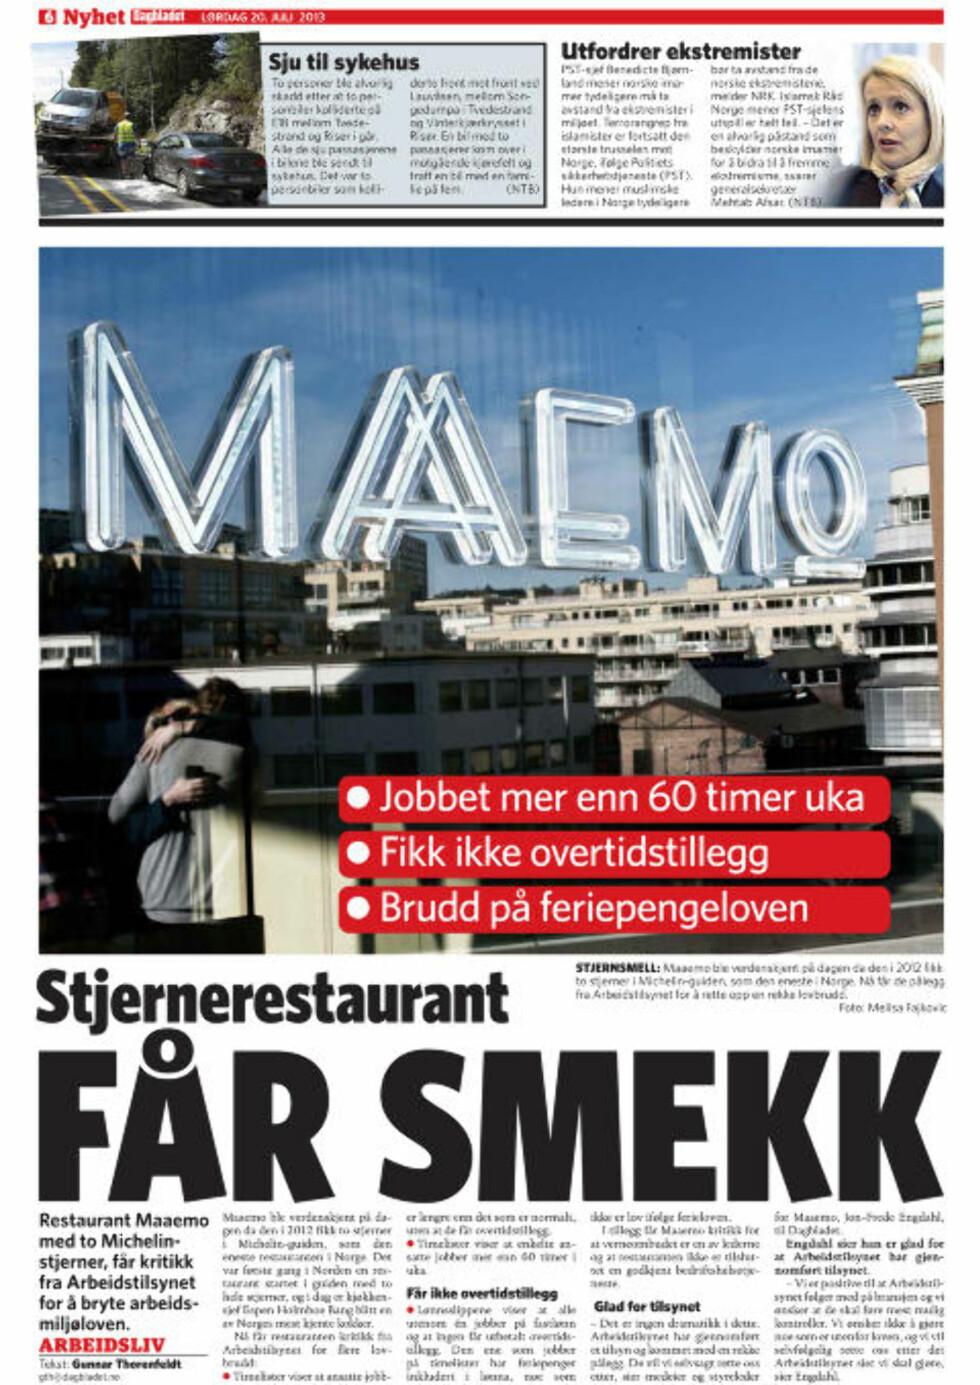 MICHELIN-RESTAURANT: Restaurant Maaemo har også fått kritikk av Arbeidstilsynet.